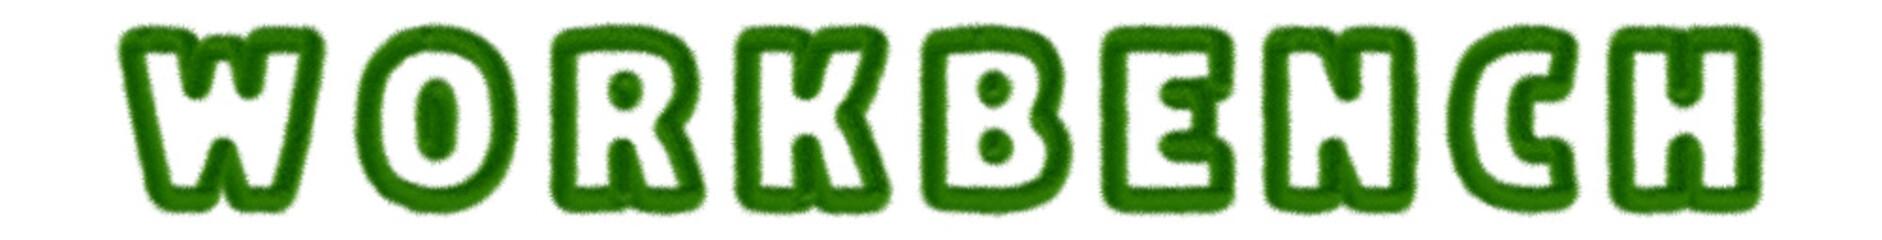 Workbench - text written with grass